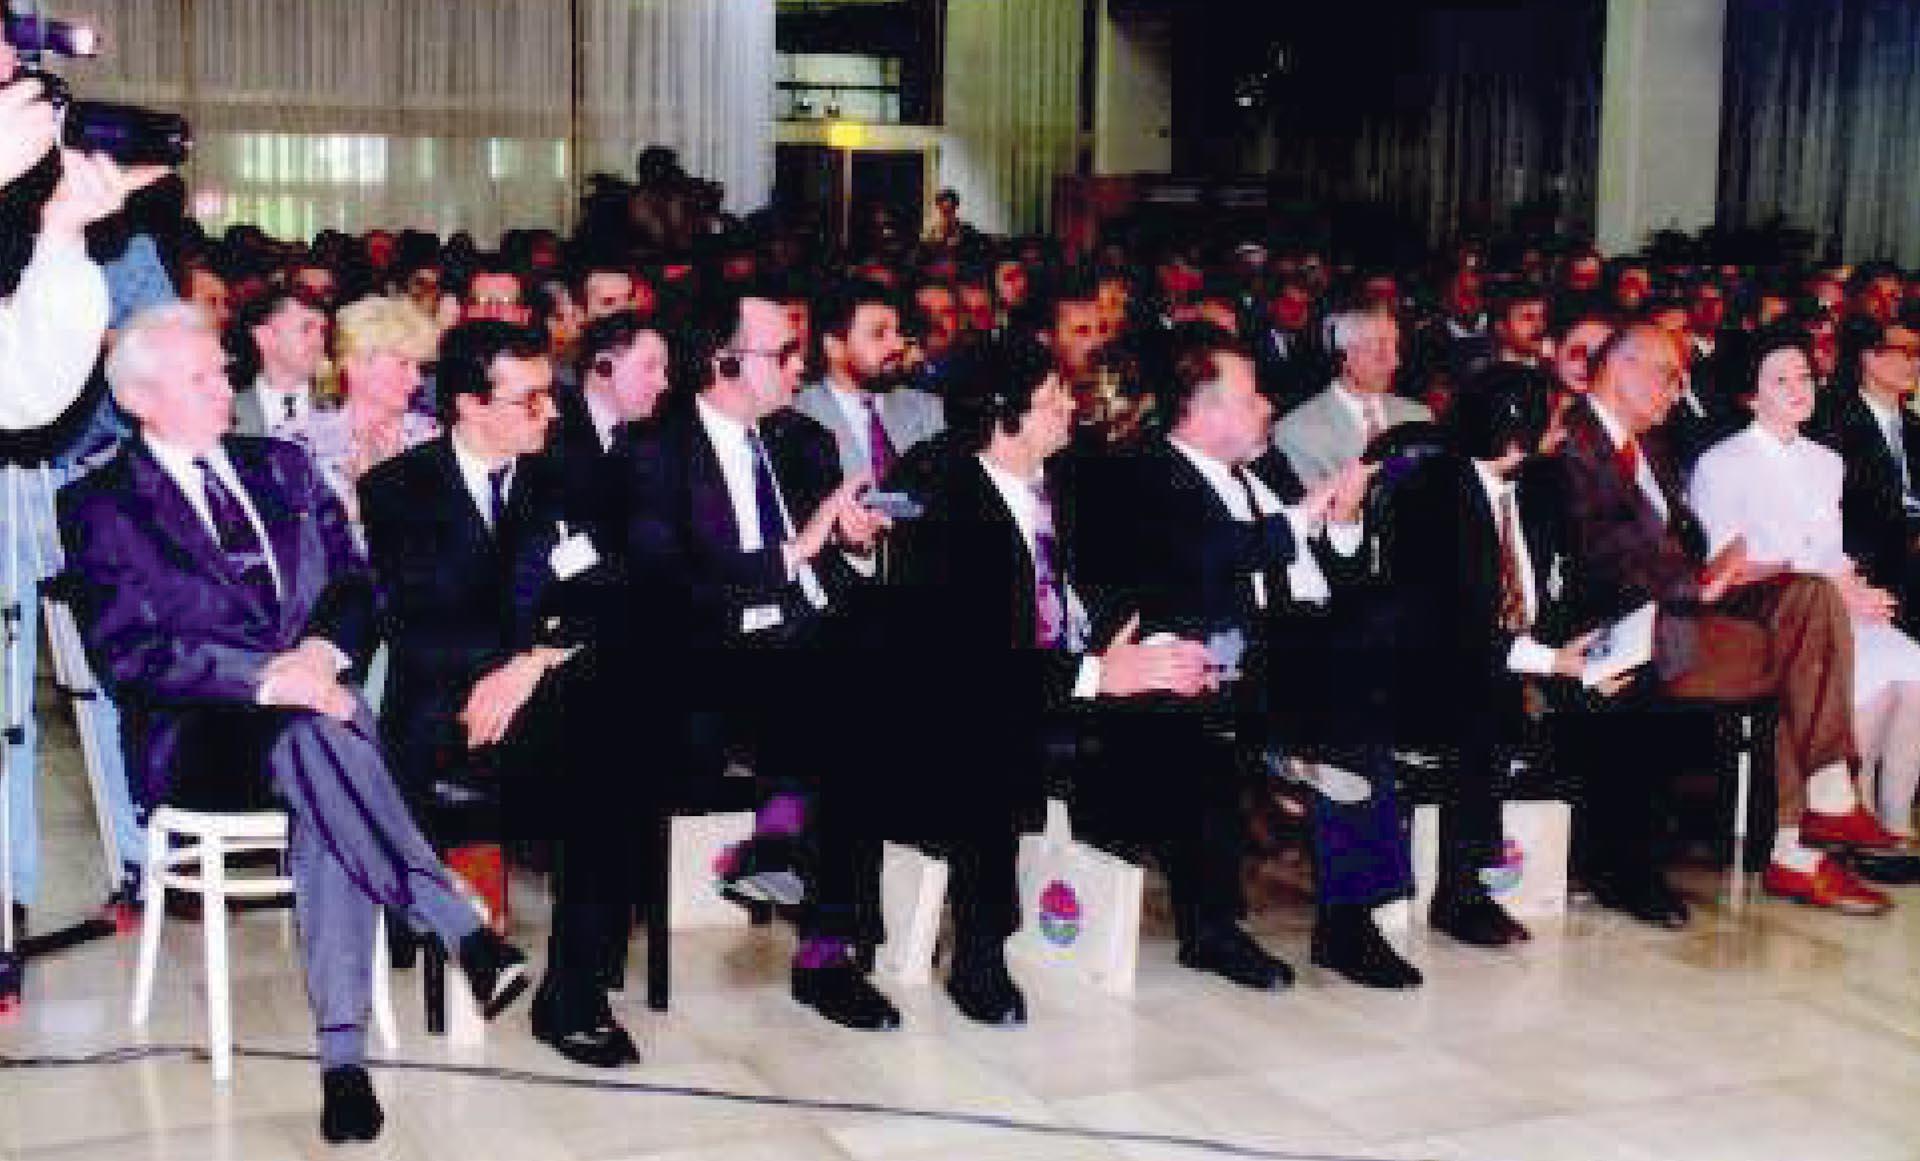 KONGRES UJEDINJENJA DVIJU STRANAKA POLITIČKE LJEVICE, REFORMIRANIH KOMUNISTA (SDP) I NOVIH SOCIJALDEMOKRATA (SDH) U JEDINSTVENU SOCIJALDEMOKRATSKU PARTIJU 1994. GODINE | Foto: IZLOŽBA '120 GODINA HRVATSKE SOCIJALDEMOKRACIJE'